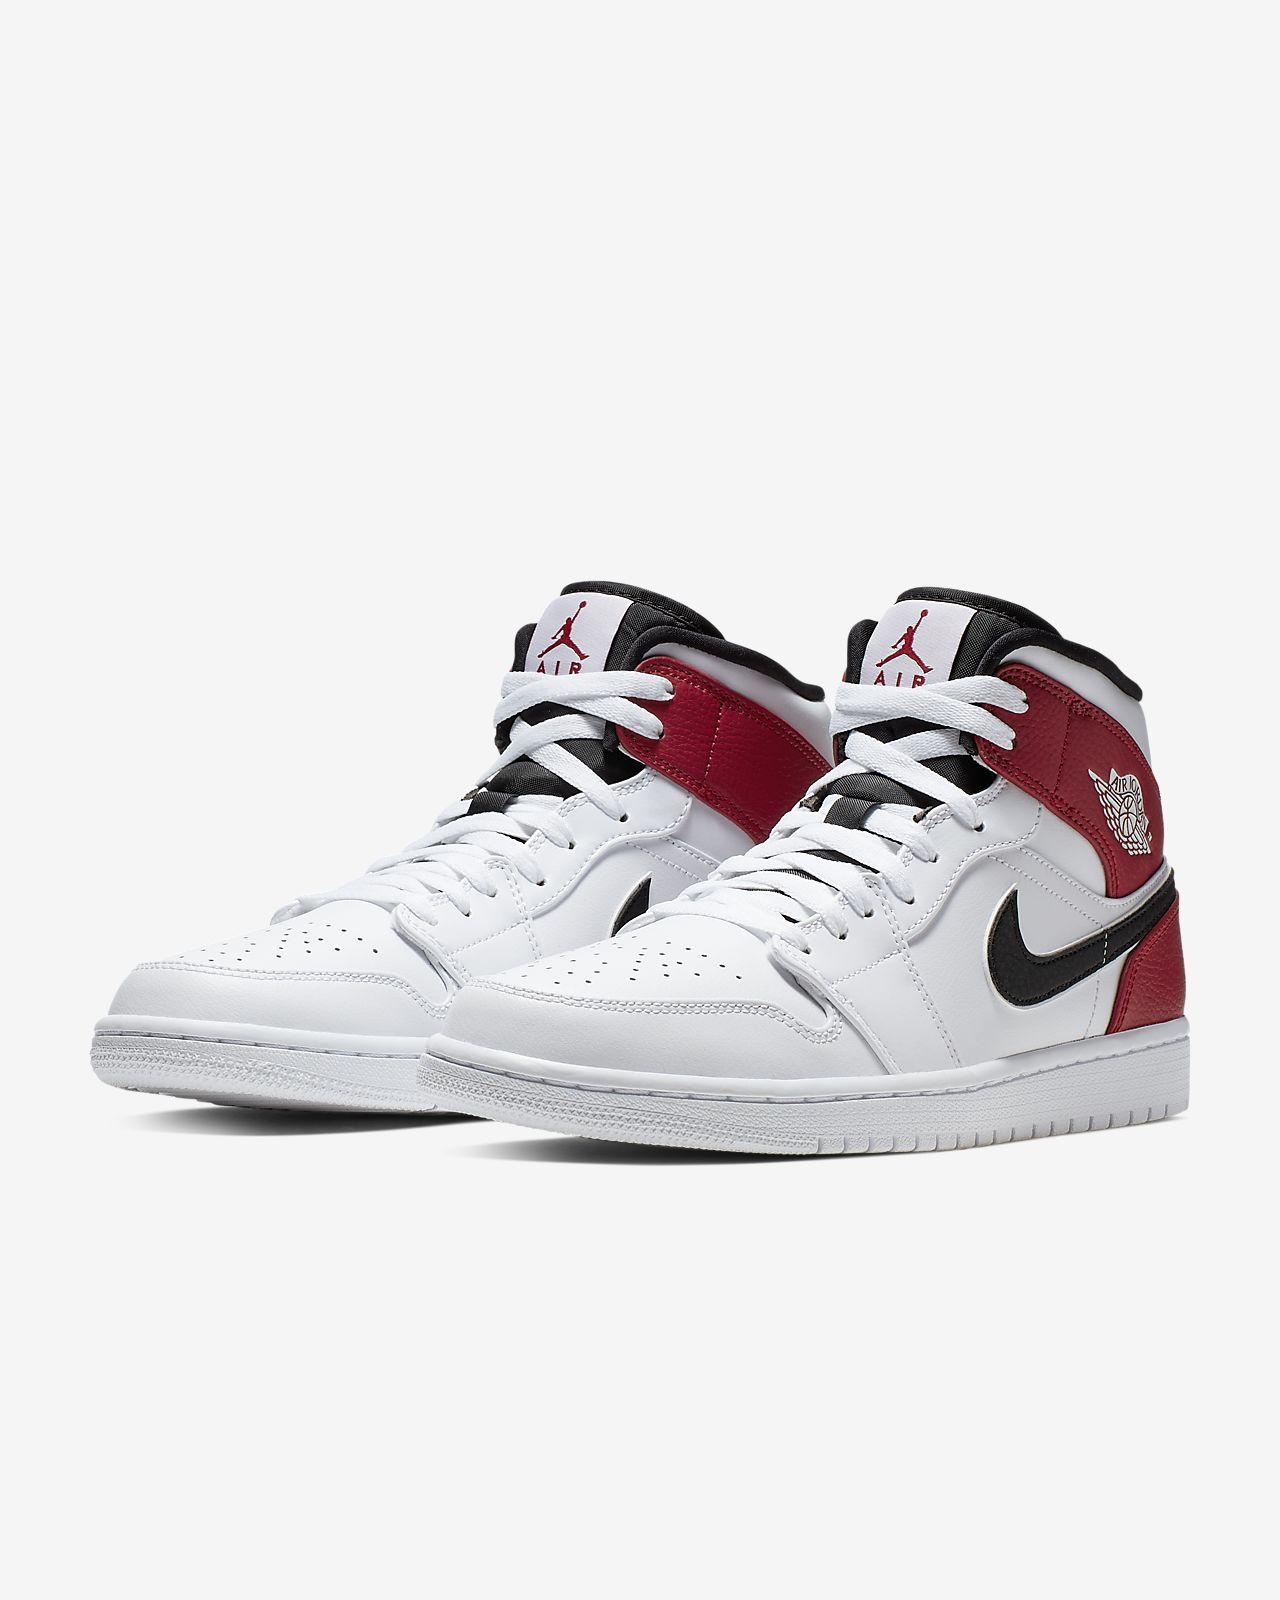 wholesale dealer 3d325 77fd4 ... Chaussure Air Jordan 1 Mid pour Homme